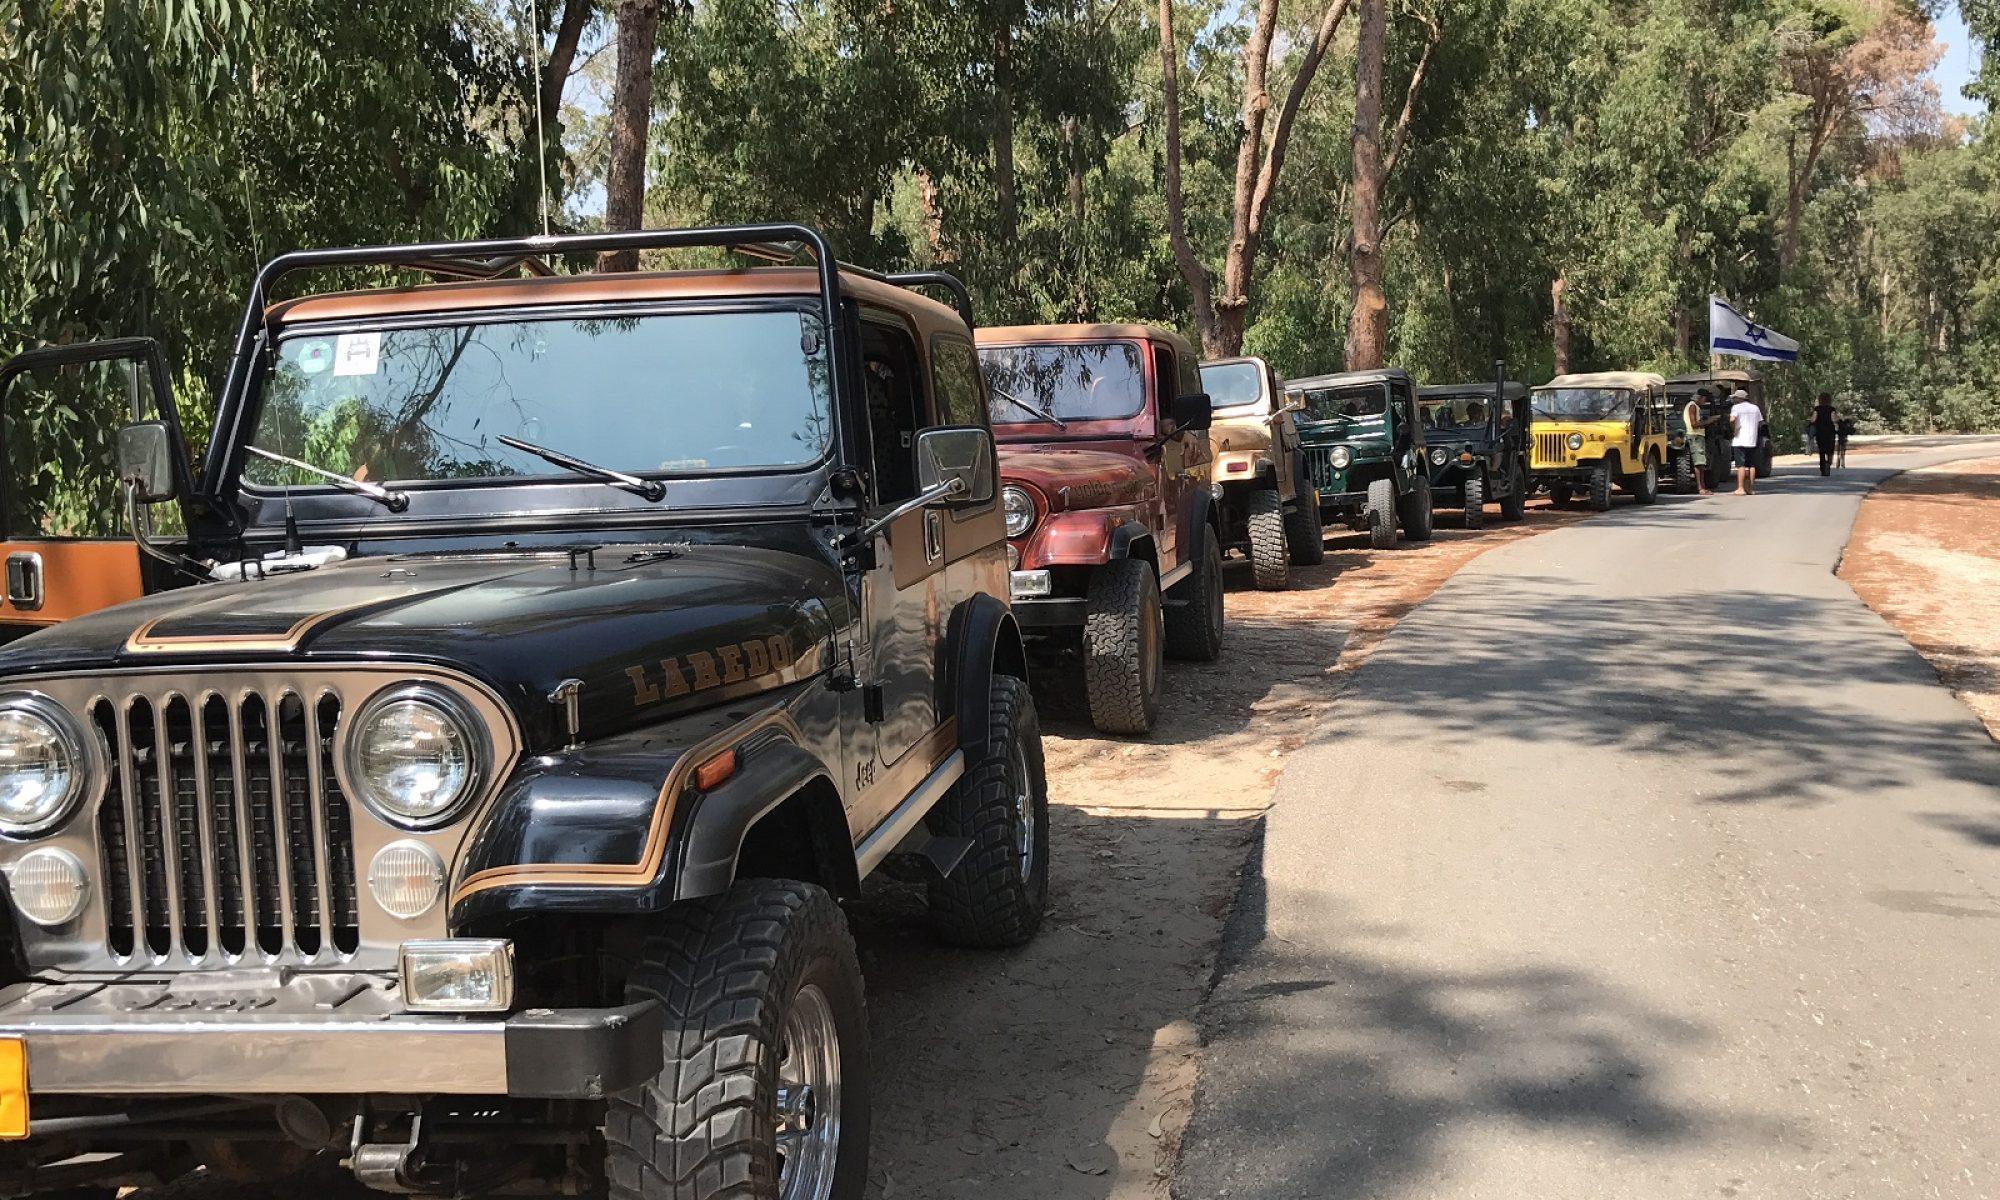 ג'יפי ישראל – הבית לג'יפאים ולמותג ג'יפ | Israel Jeeps